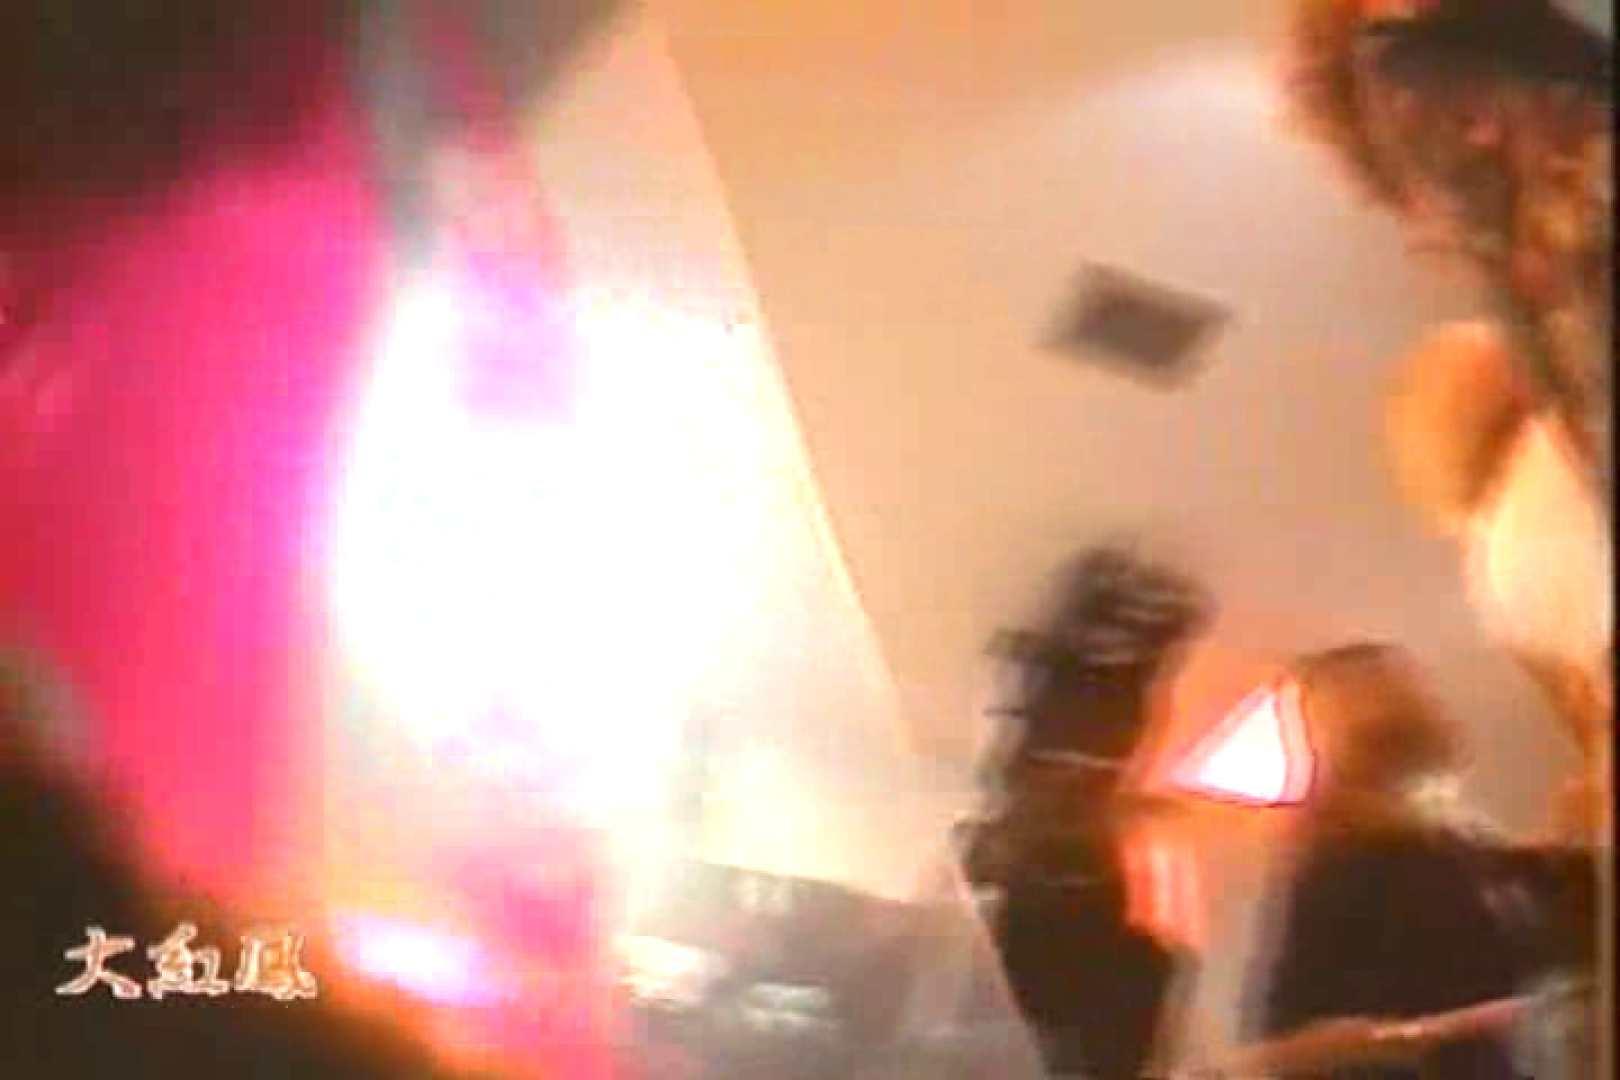 究極カリスマショップ逆さ撮り 完全保存版02 盗撮 のぞき動画画像 58PIX 18